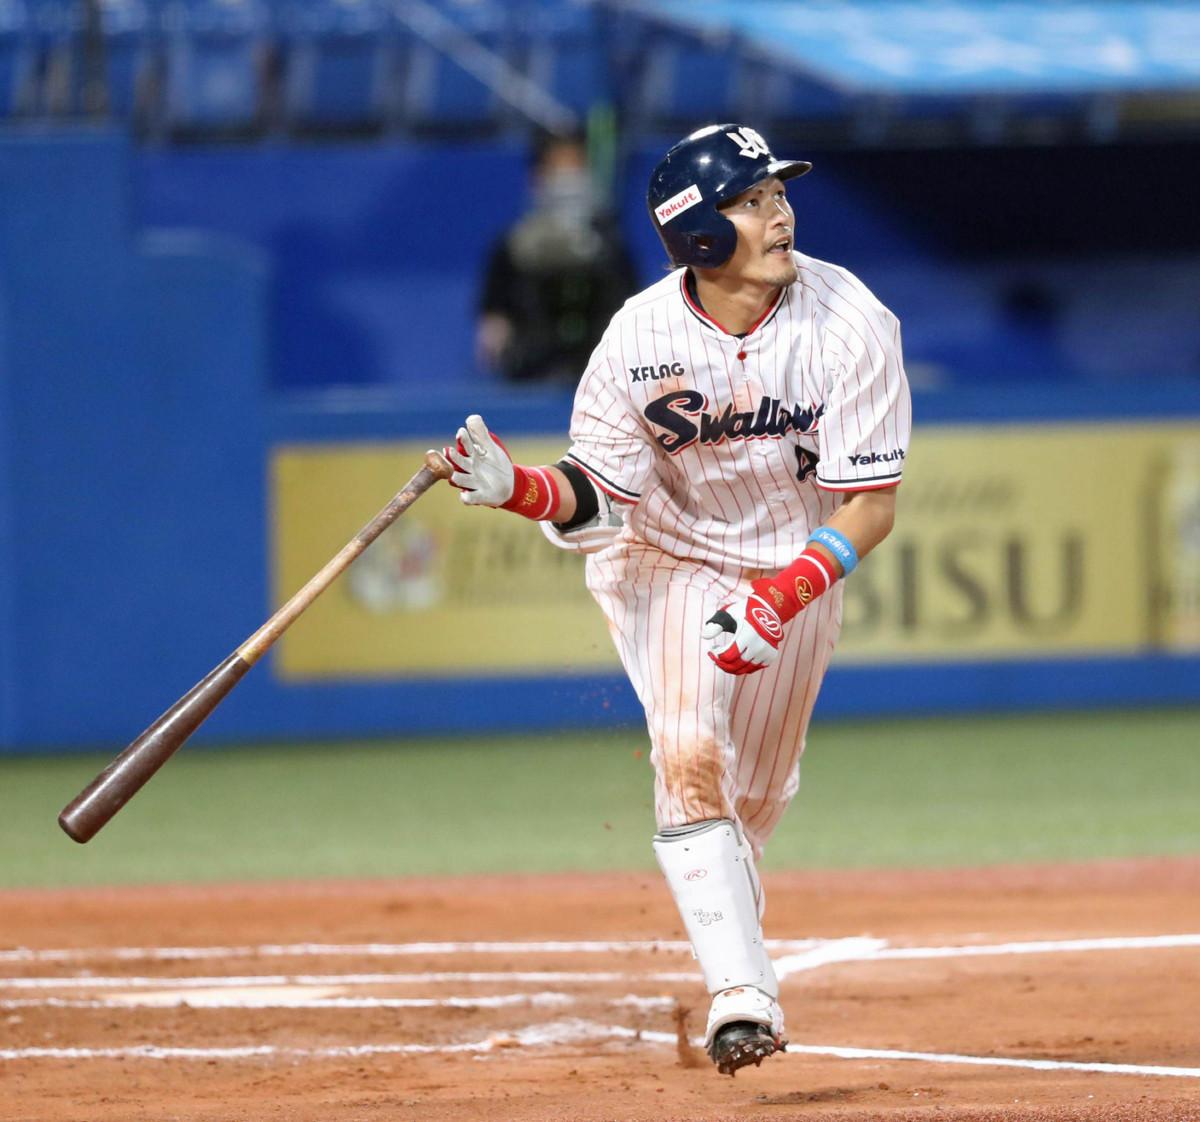 ヤクルト】好調の1番・坂口智隆が1号ソロ「いい角度で上がった」 : スポーツ報知